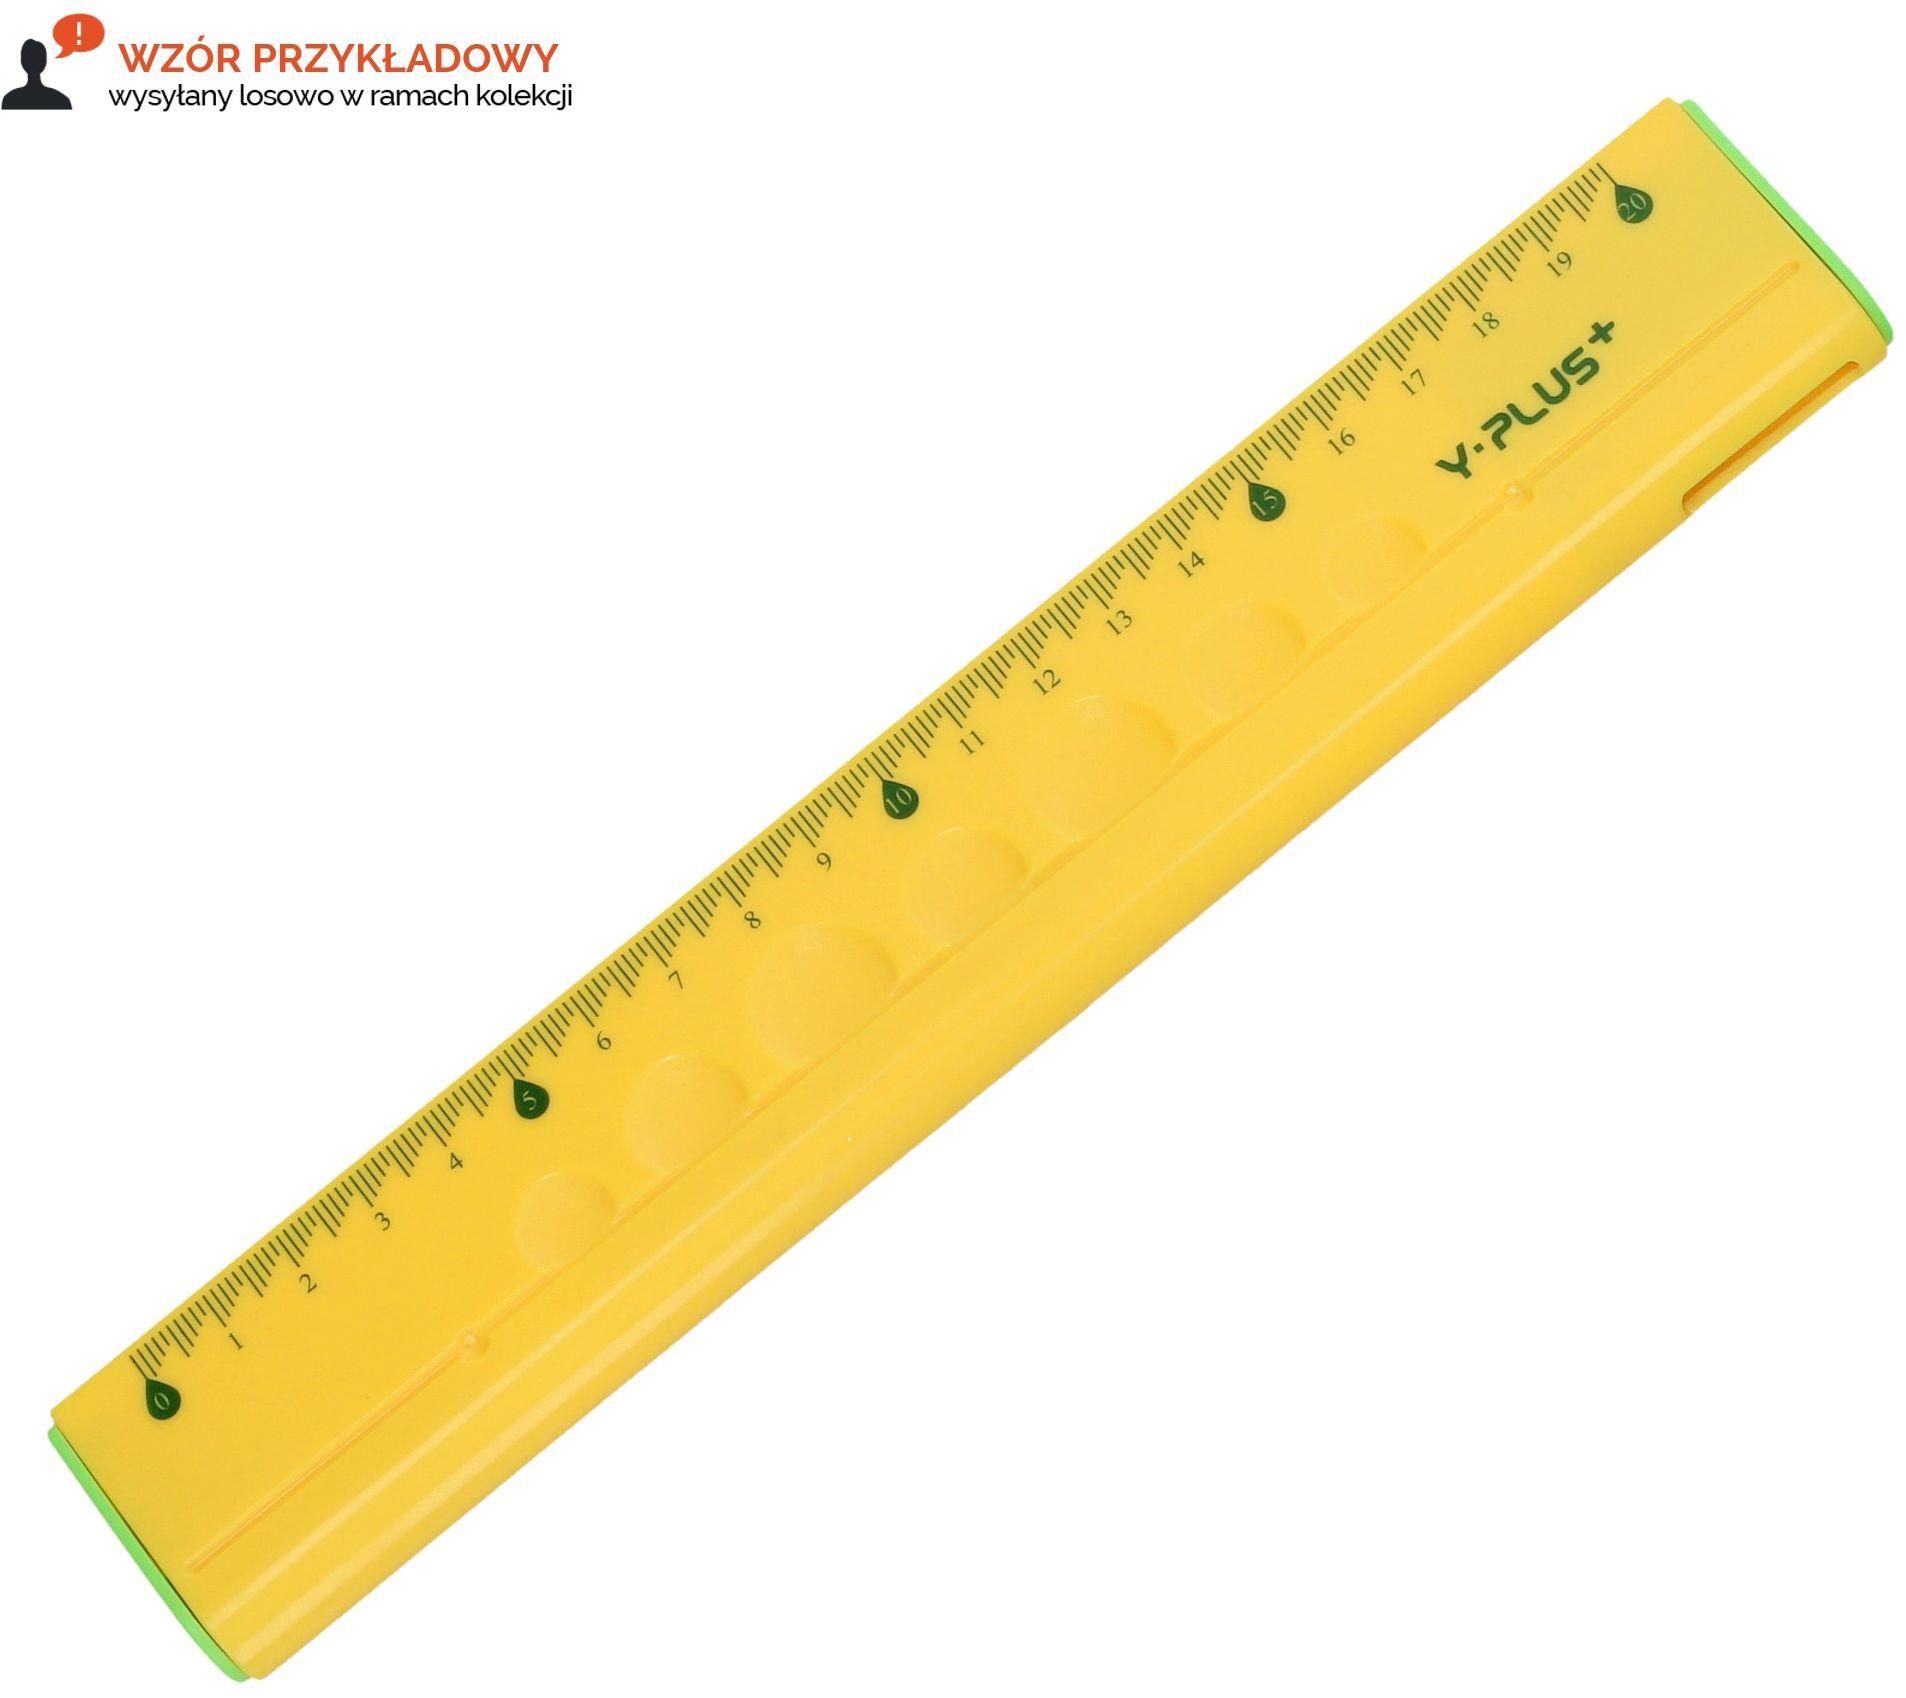 Linijka 20cm wielofunkcyjna Y-PLUS